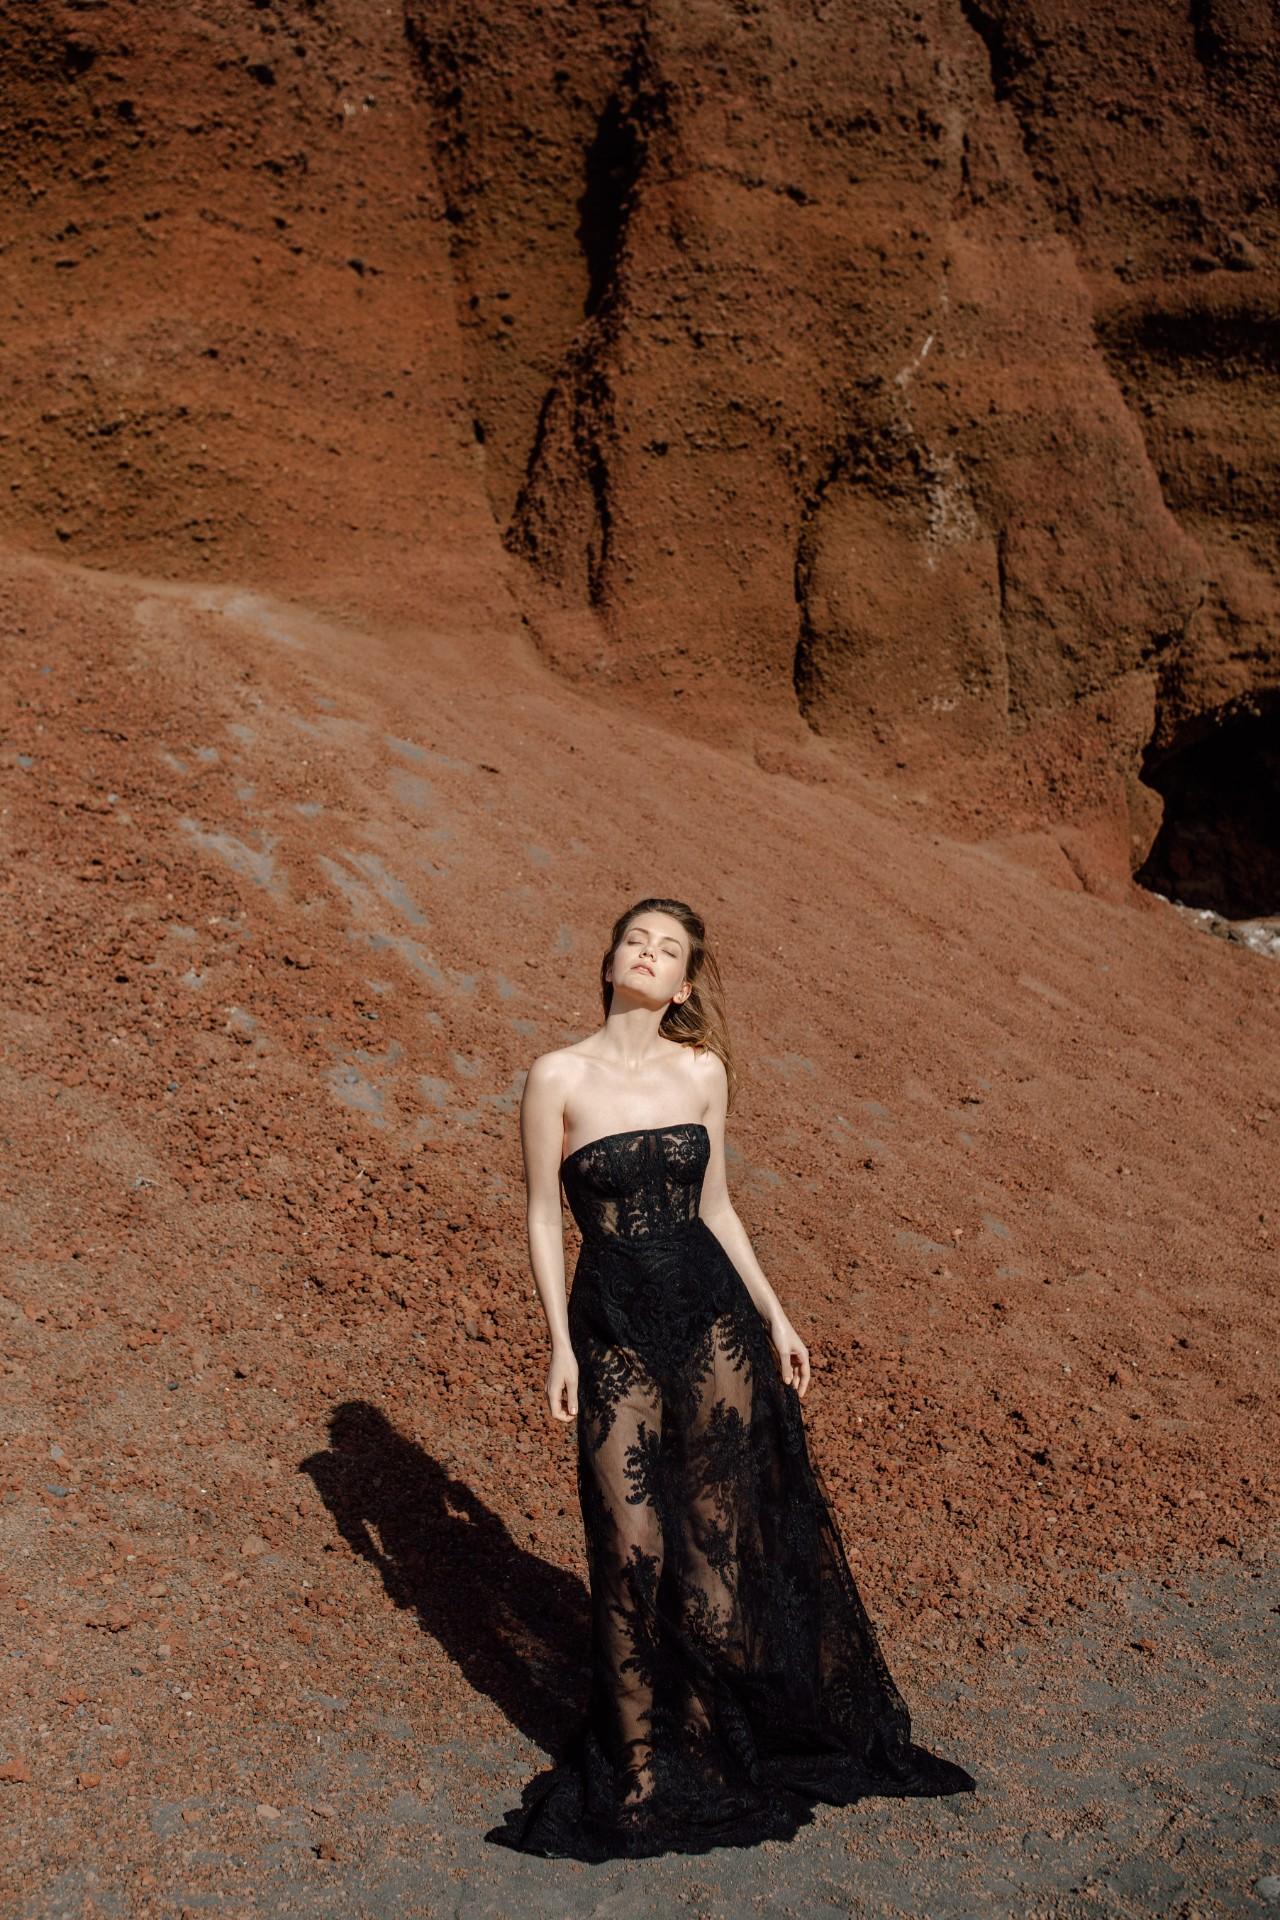 NIGHTCALL DRESS - Langes A-Linien Kleid aus Kordelspitze. Korsagenoberteil mit Stäbchen. Futter aus Seide (Rock) im Preis inbegriffen.Material: 72% NYL 28% PES / 100% SE3.250 €auch in ivory erhältlich.